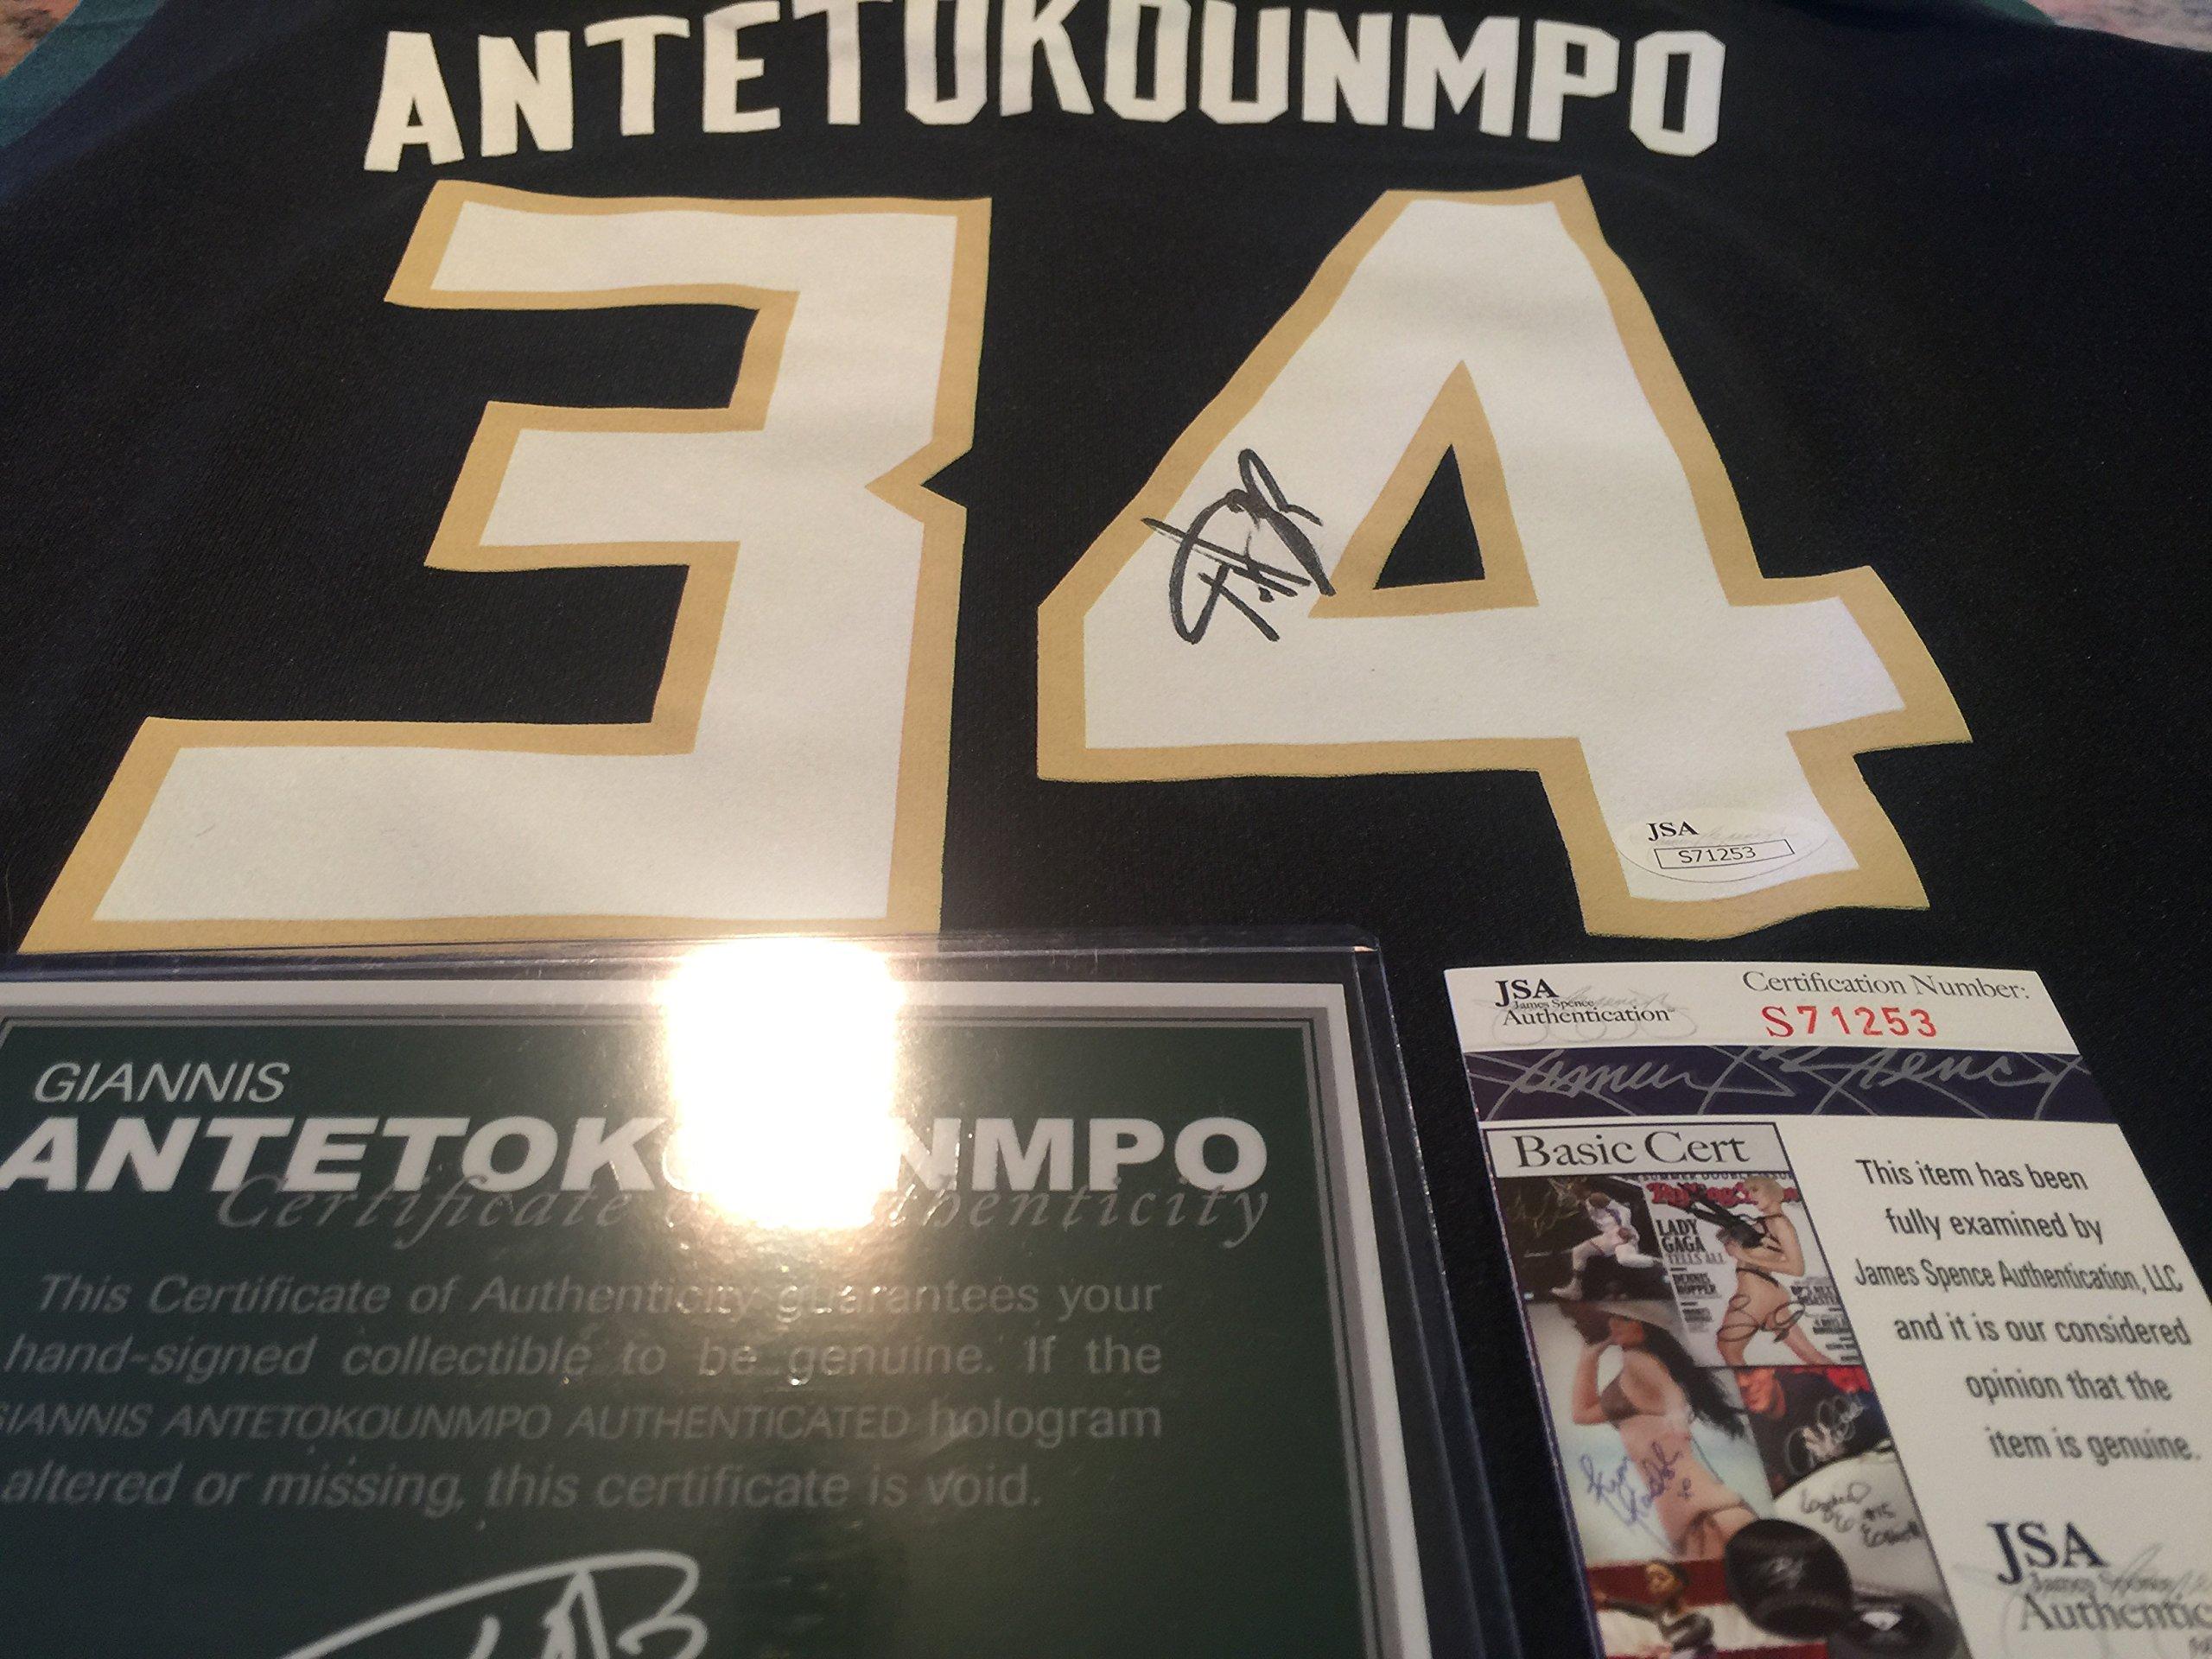 Giannis Antetokounmpo Signed Autographed Jersey JSA Certified Autographed NBA Jersey by Giannis Antetokounmpo